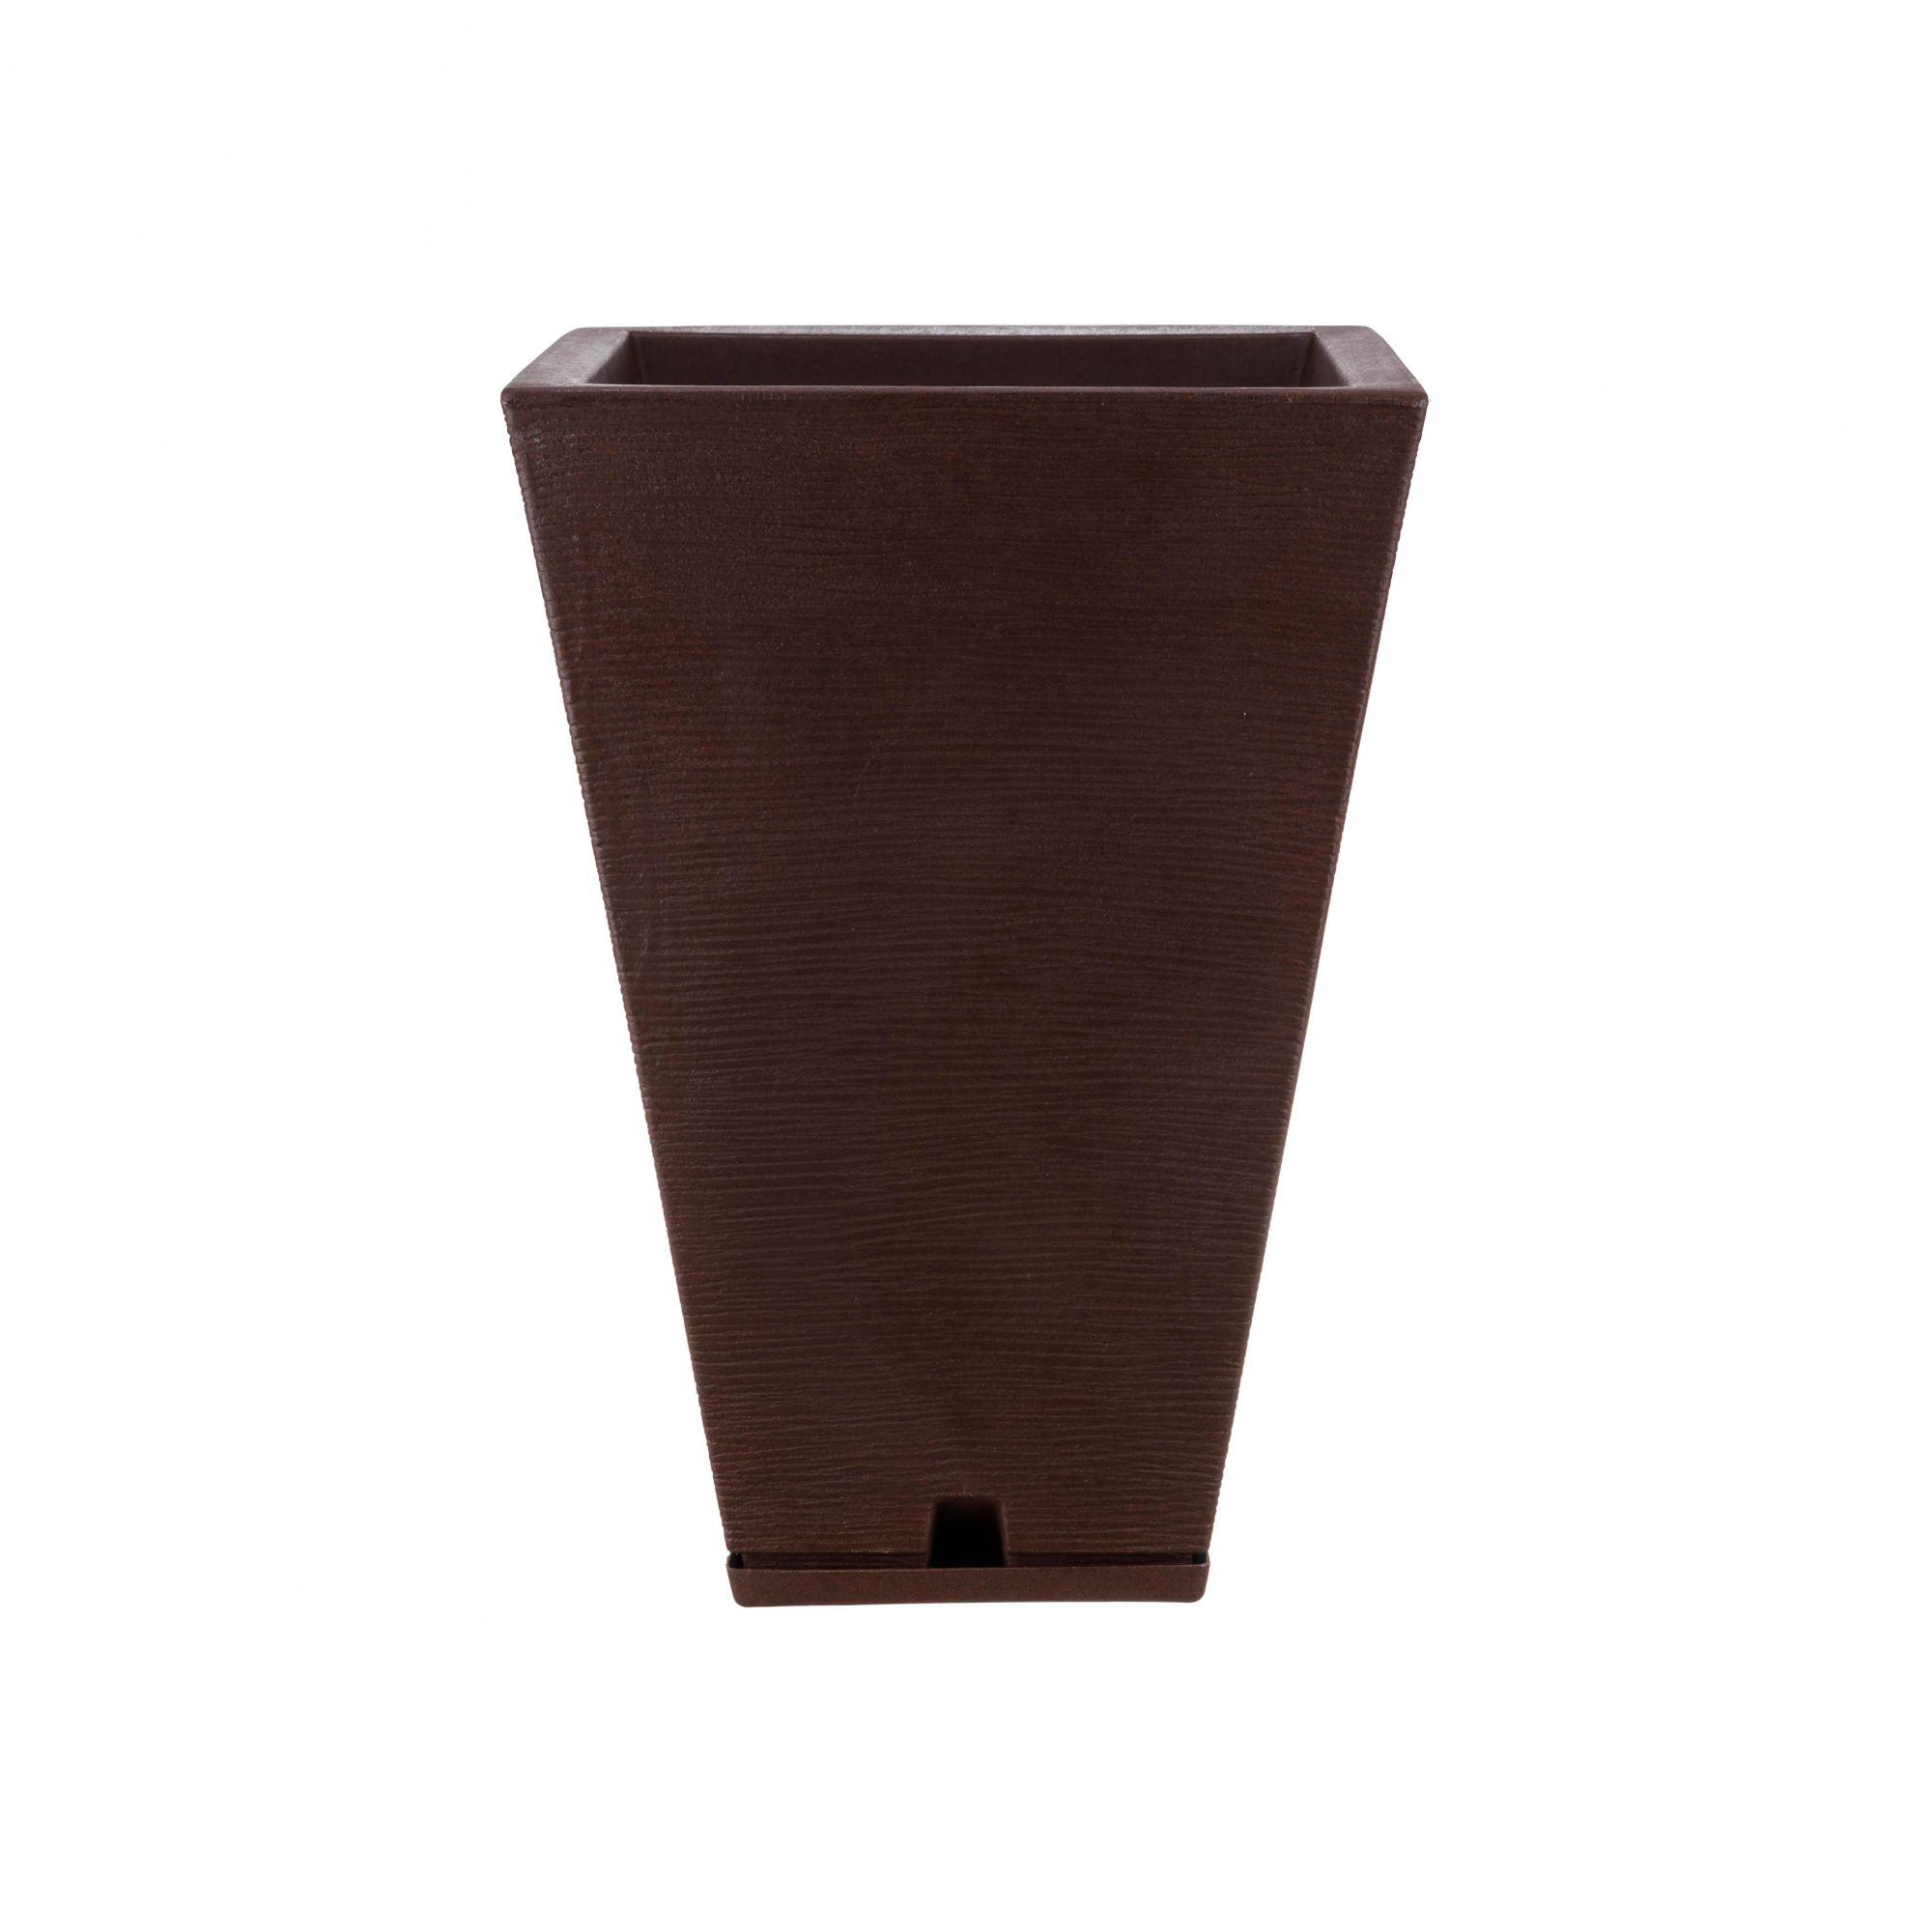 Vaso Zurique Grafiato Marron Stone - 32cm x 55cm